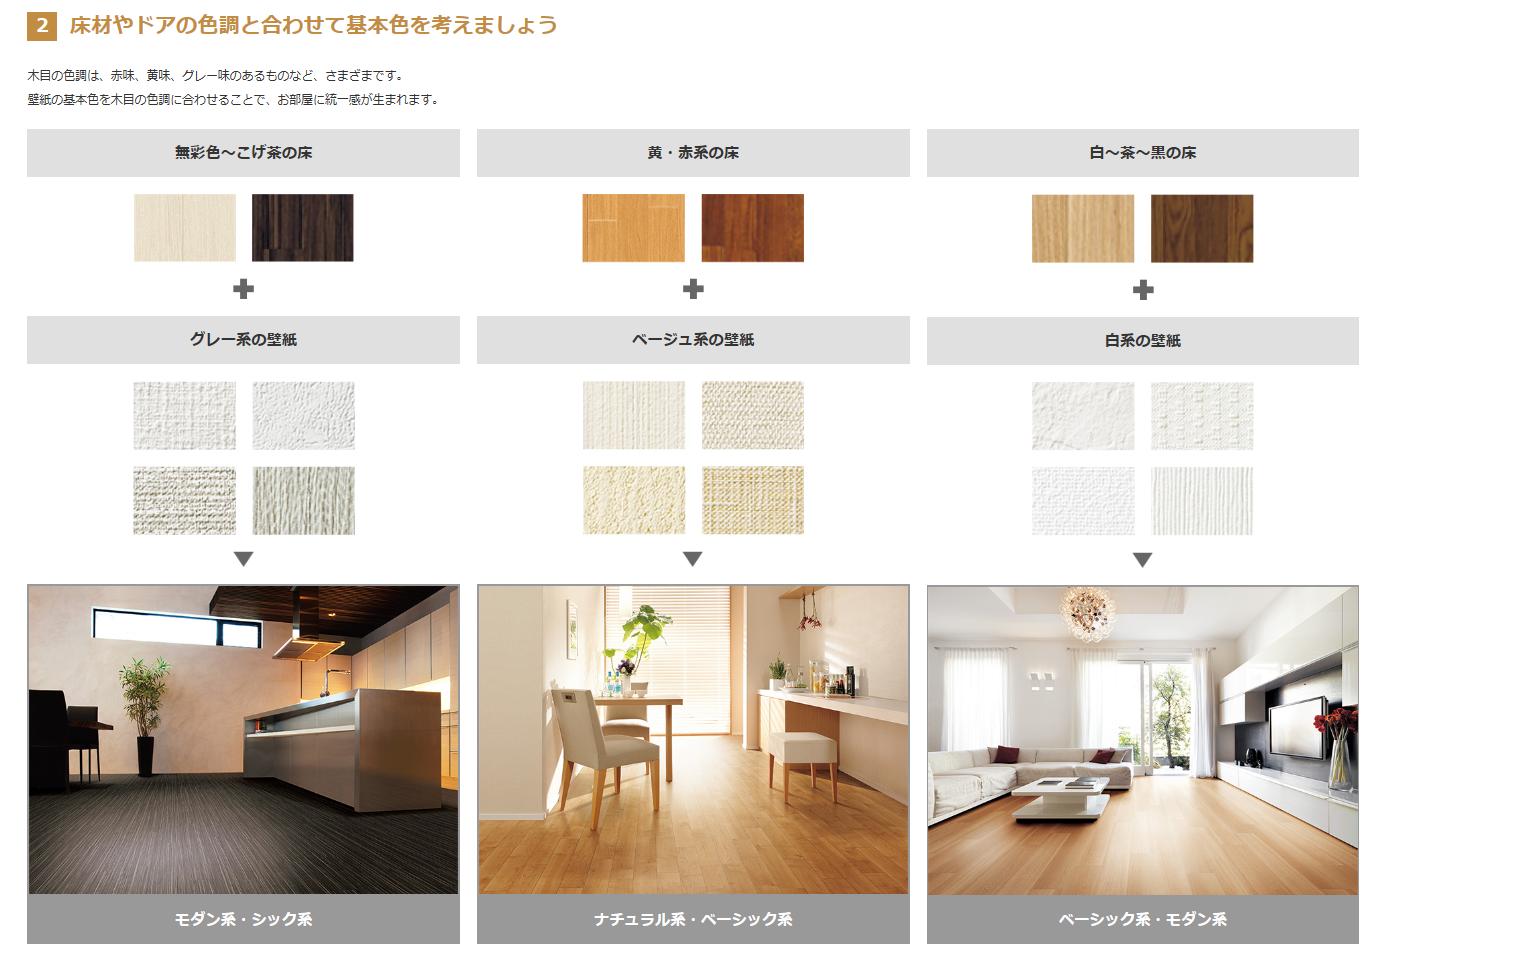 サンゲツHP『②床材やドアの色調と合わせて基本色を考えましょう』